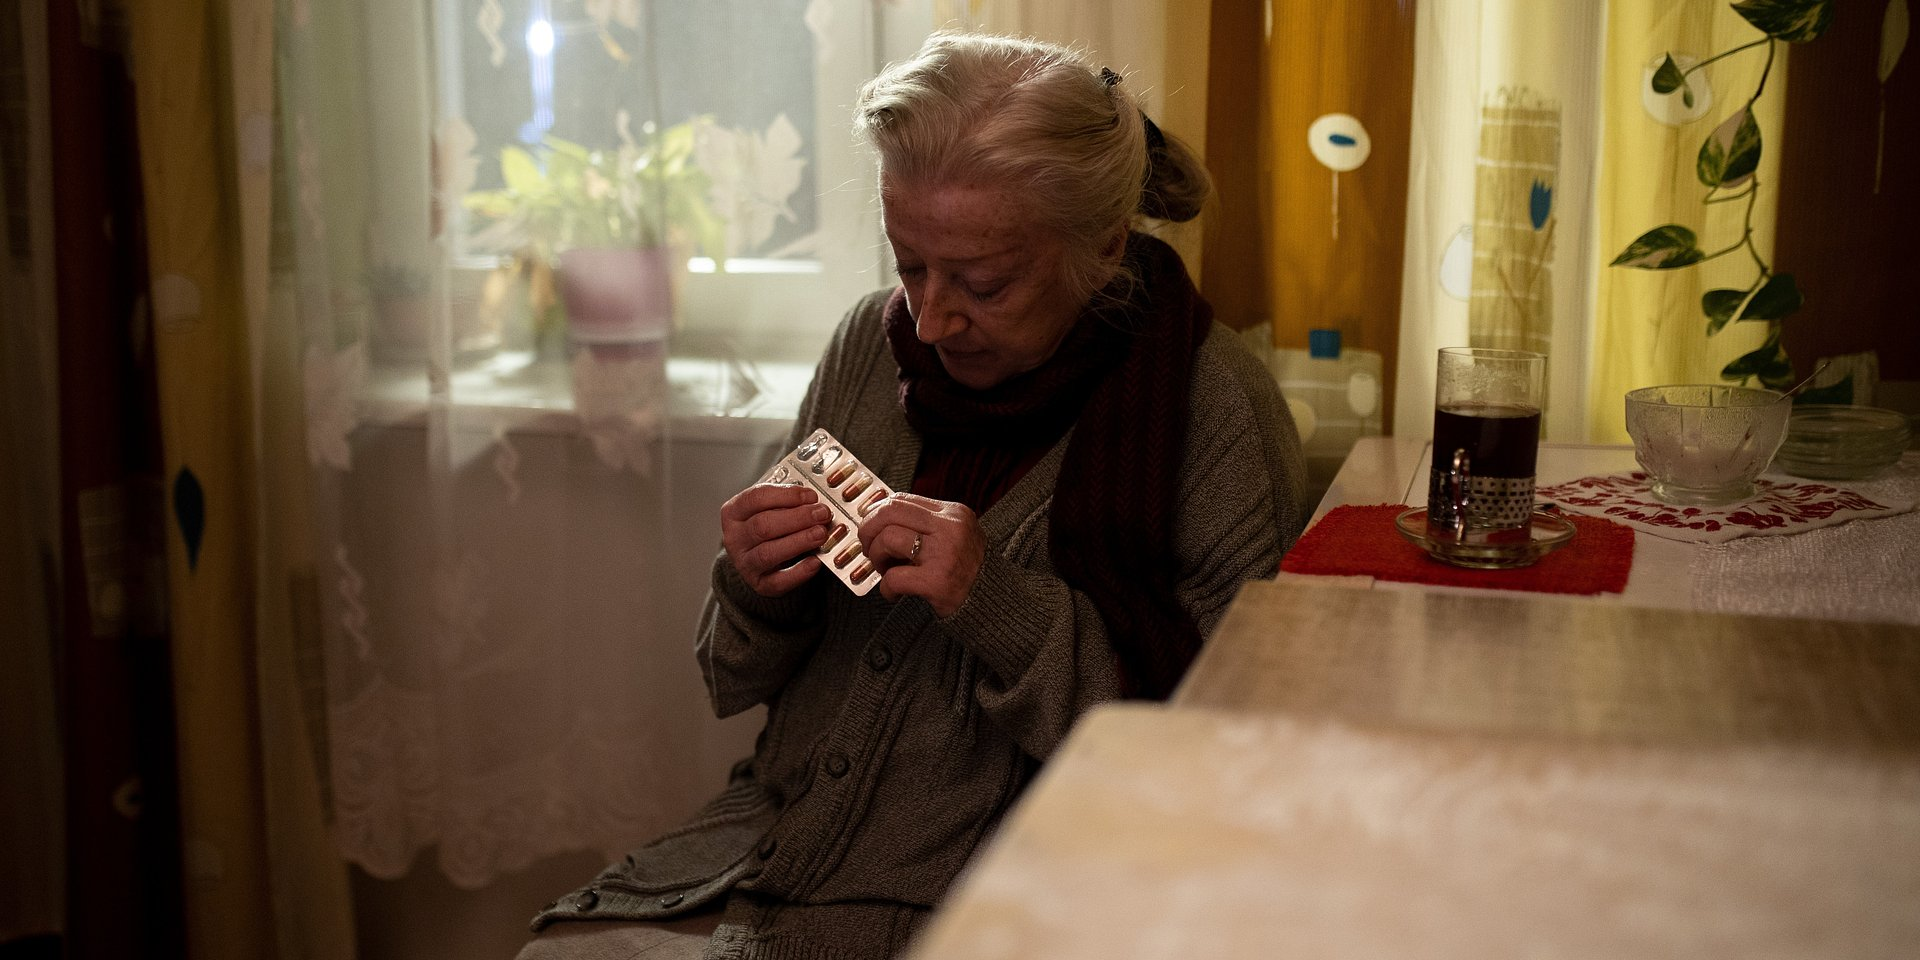 Szlachetna Paczka, potrzebna bardziej niż kiedykolwiek, ruszyła! Tysiące Rodzin czeka na swoich darczyńców